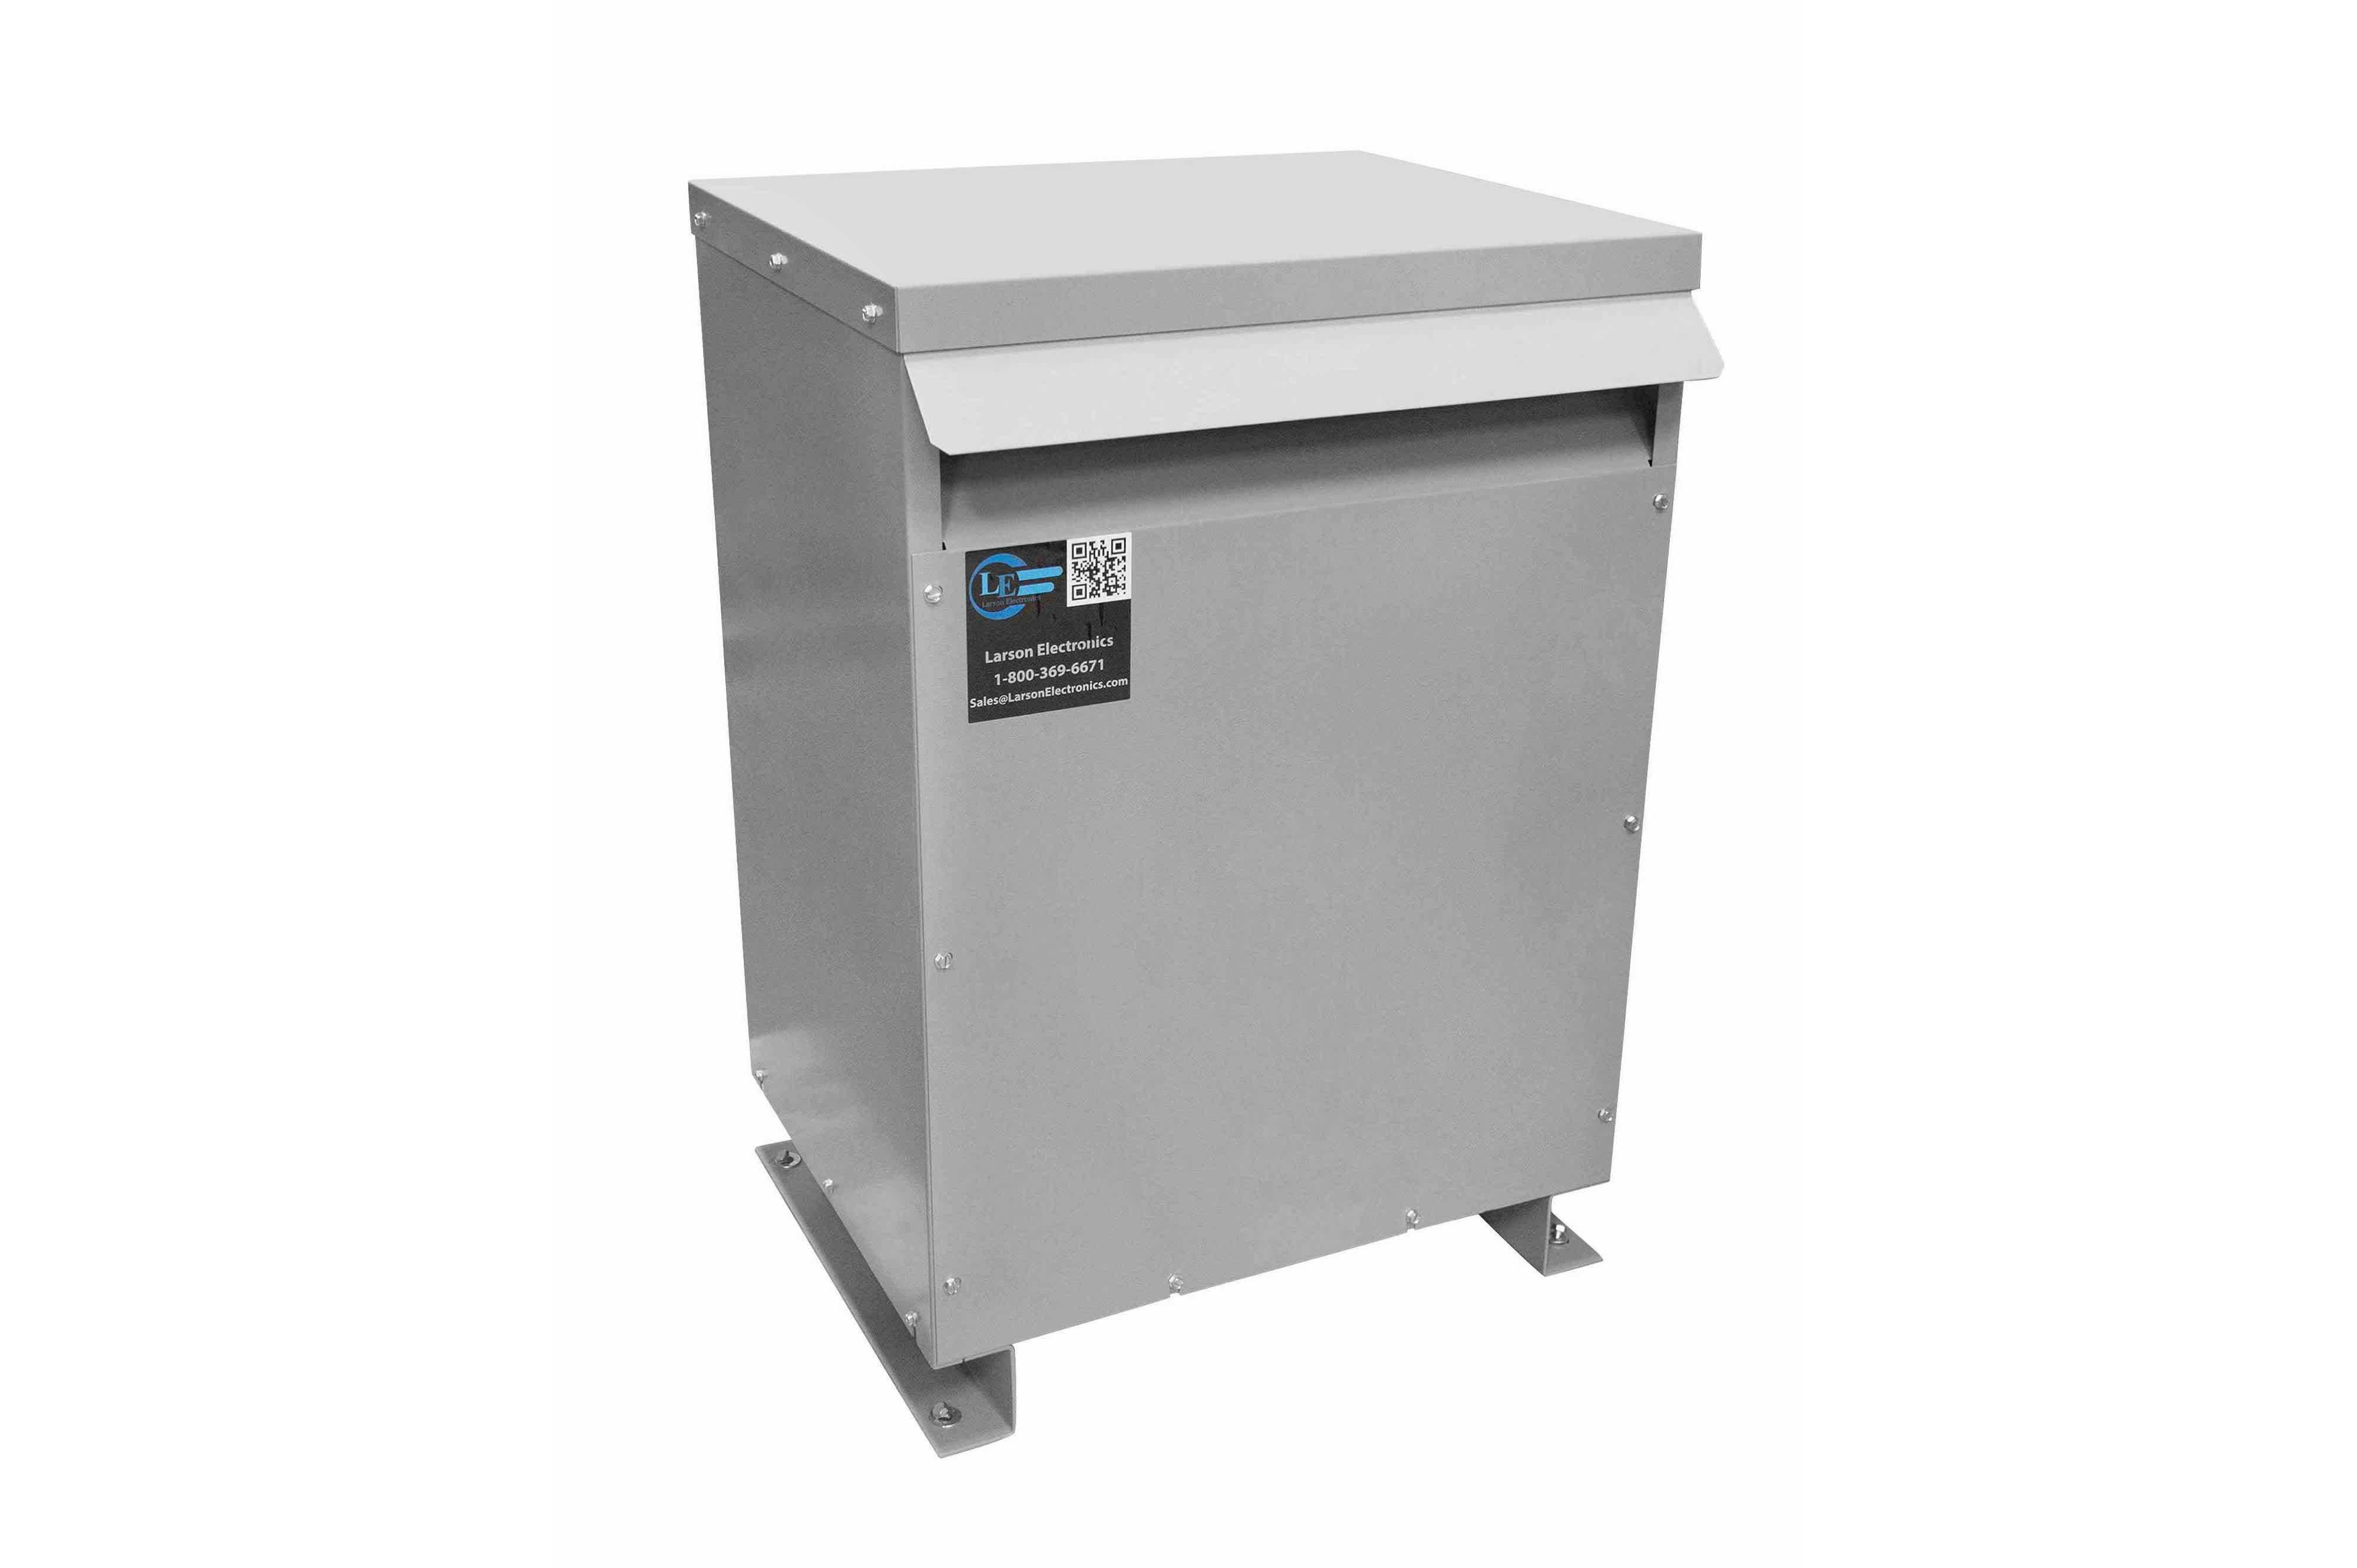 150 kVA 3PH Isolation Transformer, 600V Delta Primary, 400V Delta Secondary, N3R, Ventilated, 60 Hz